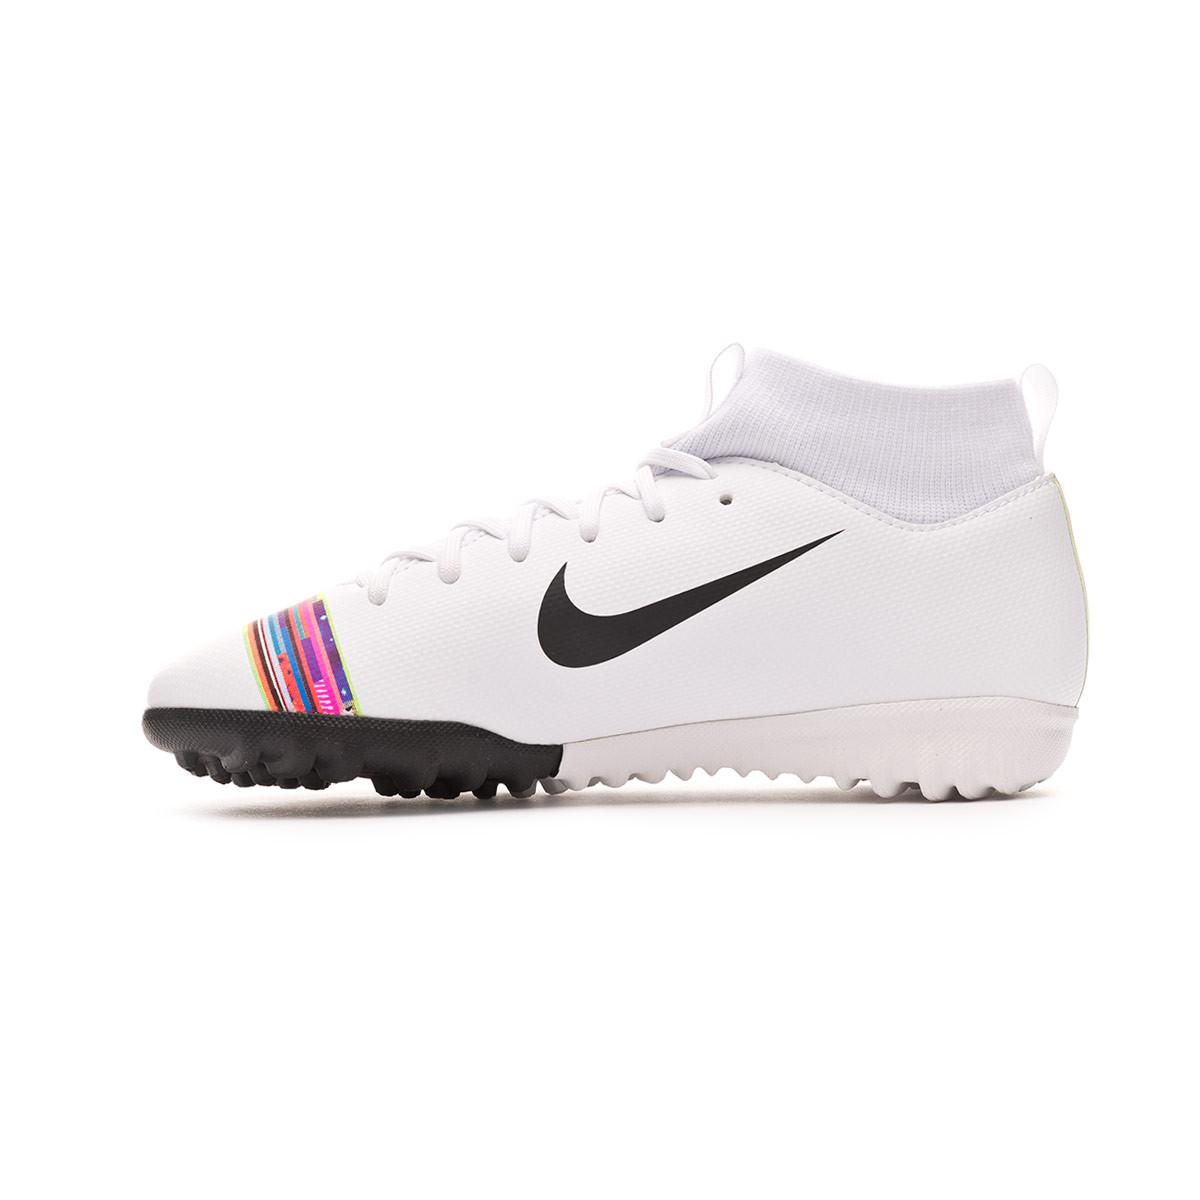 Sapatilhas Nike Phantom Venom Club Turf Niño